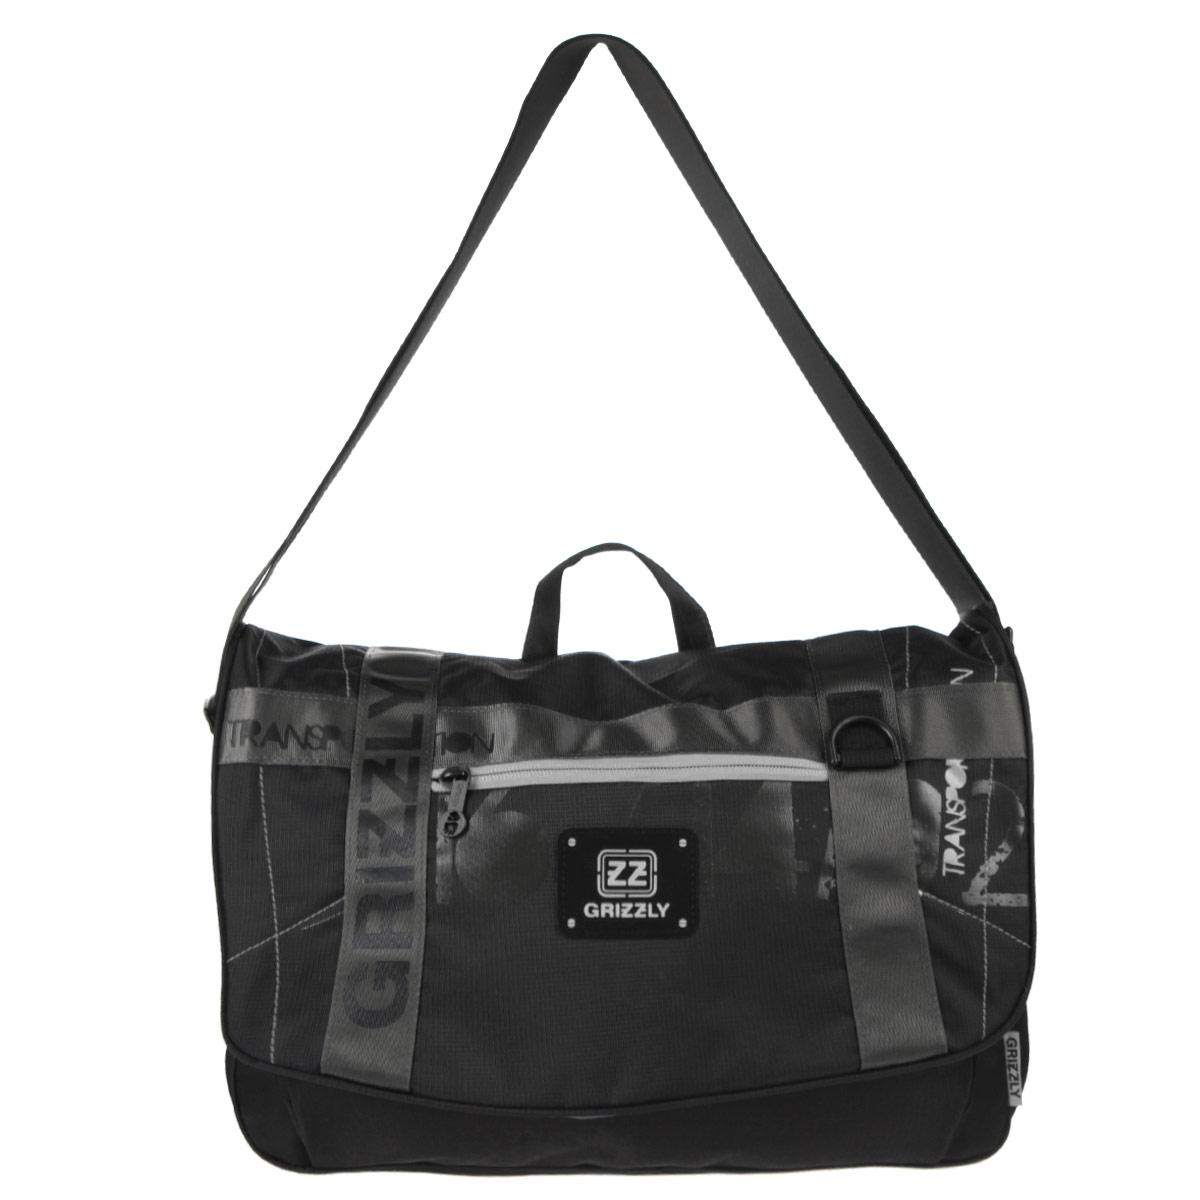 Grizzly Сумка школьная цвет черный серый MM-504-272523WDСумка молодежная наплечная с одним отделением, передними, боковыми, задним и внутренними карманами, ручкой для переноски и регулируемым плечевым ремнем. Модель закрывается клапаном на липучках.